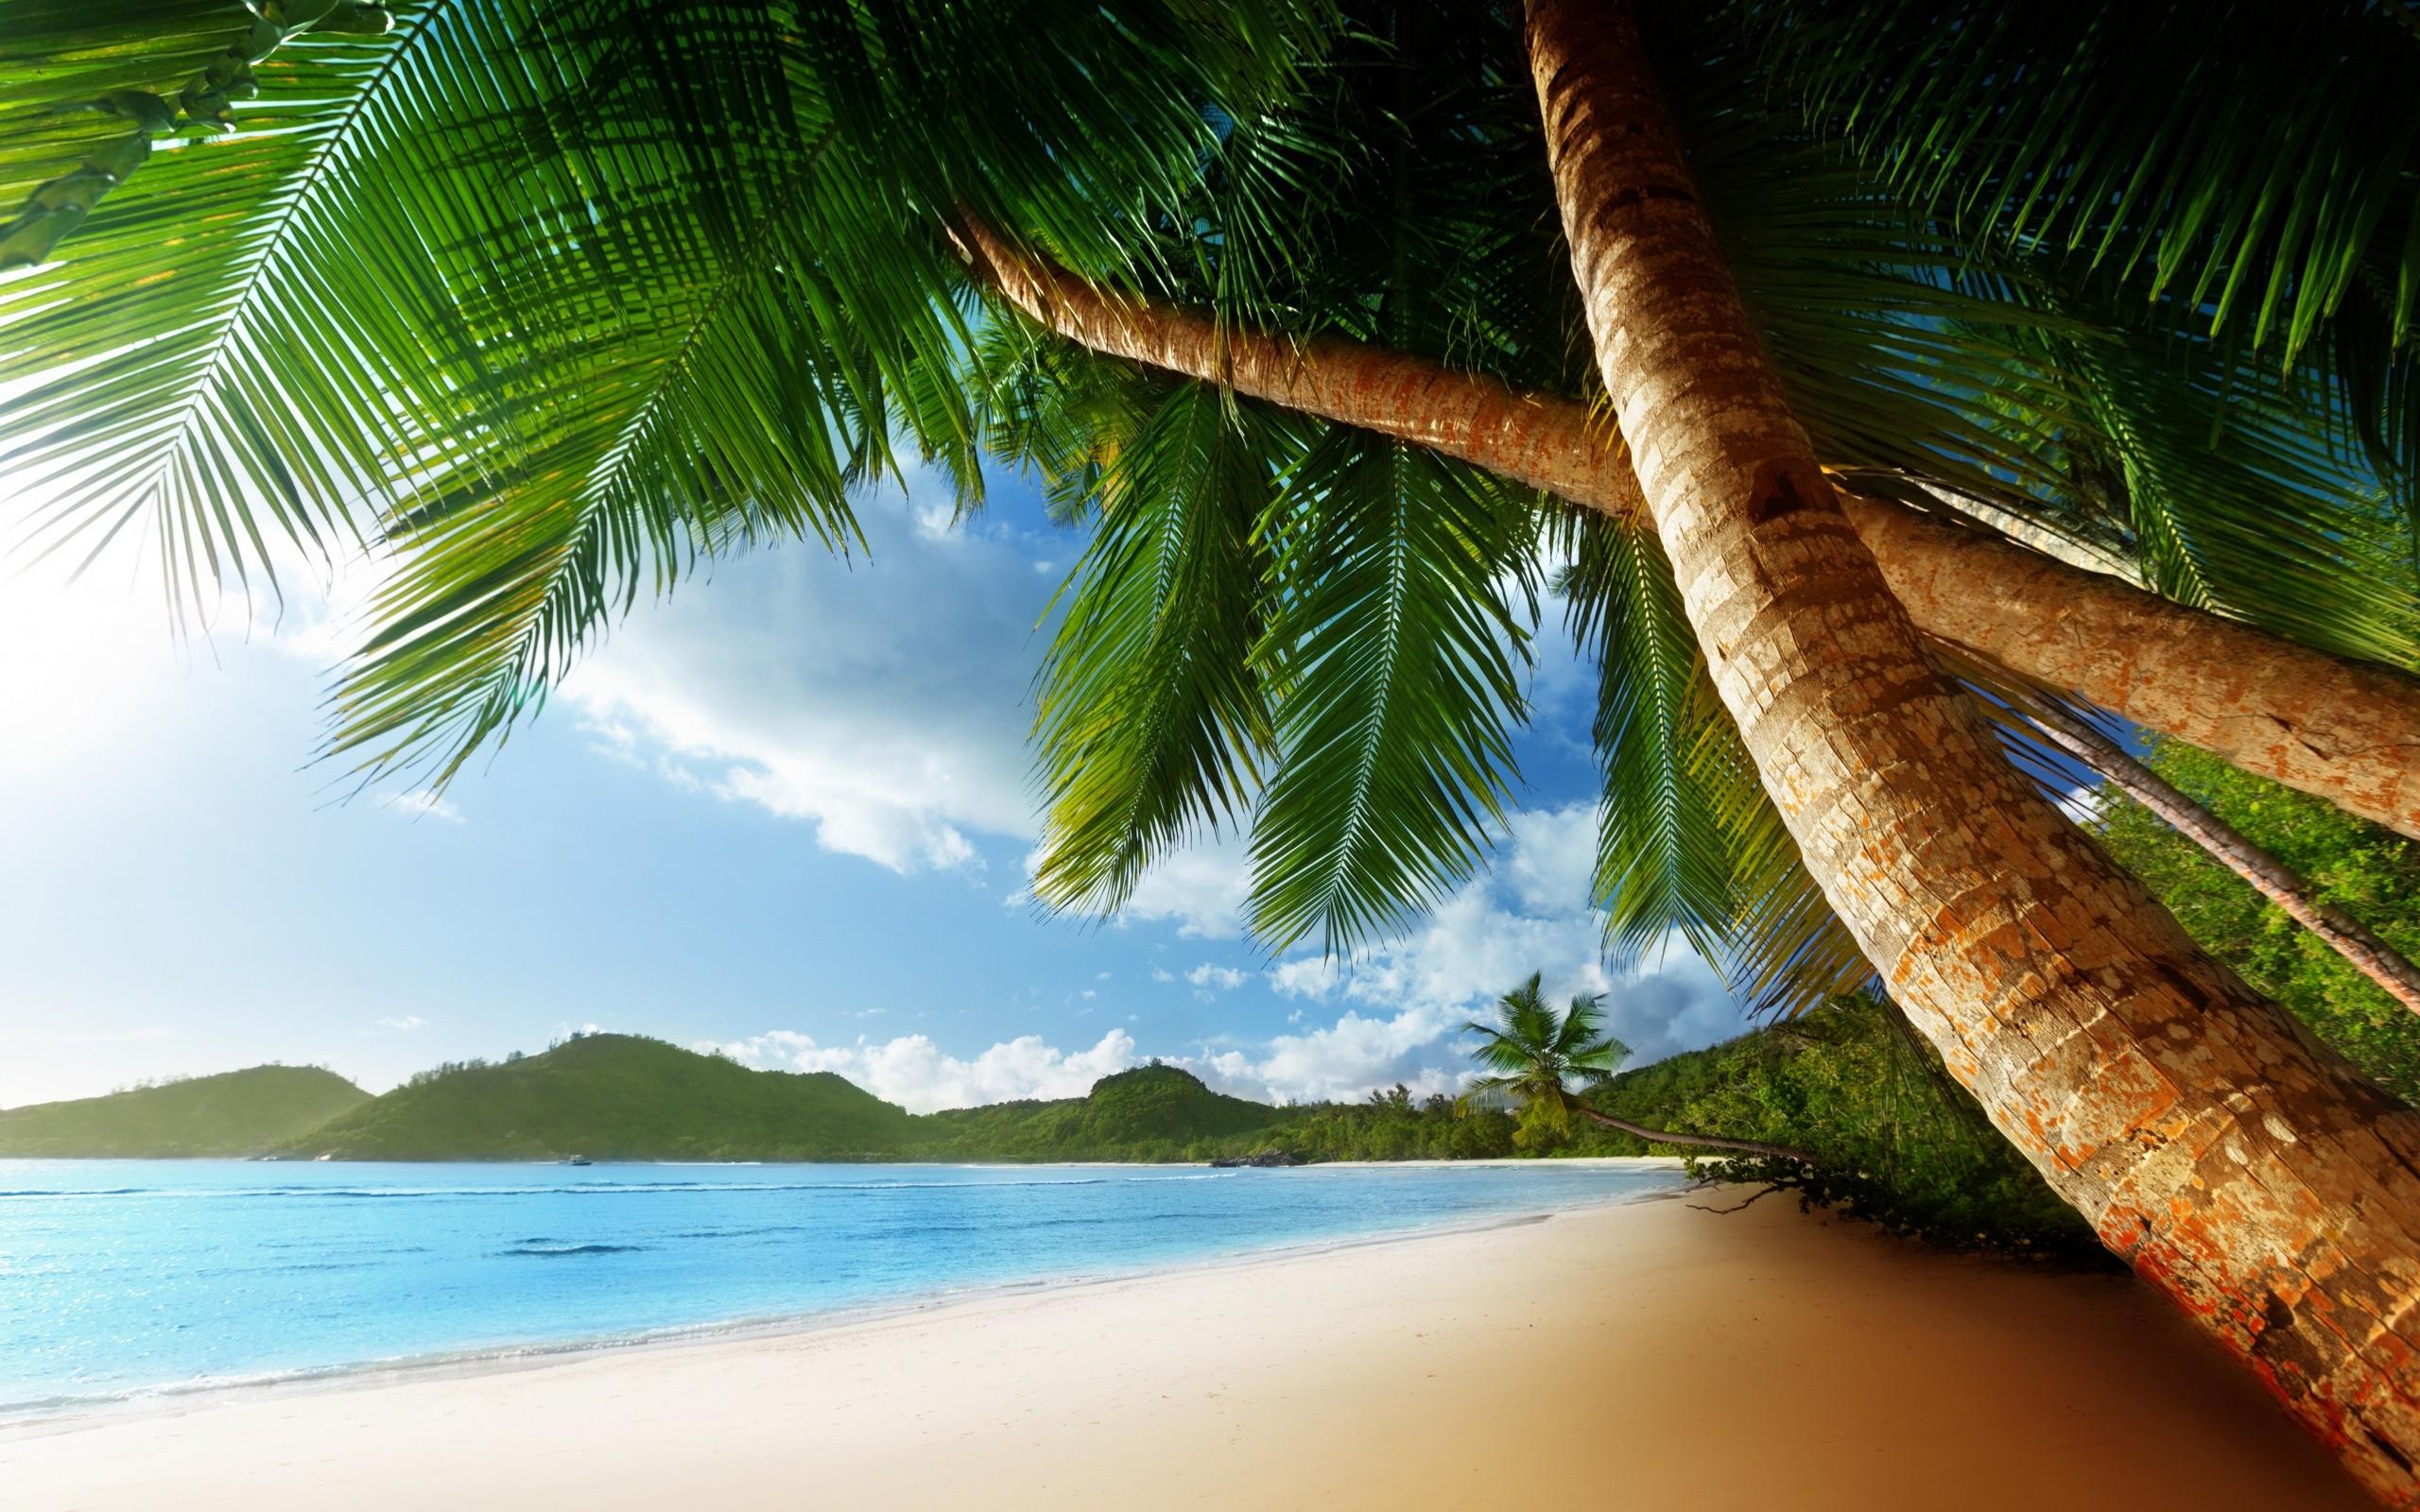 Tropical Palm Trees Beach Ocean Trees wallpaper 2560x1600 48637 2560x1600